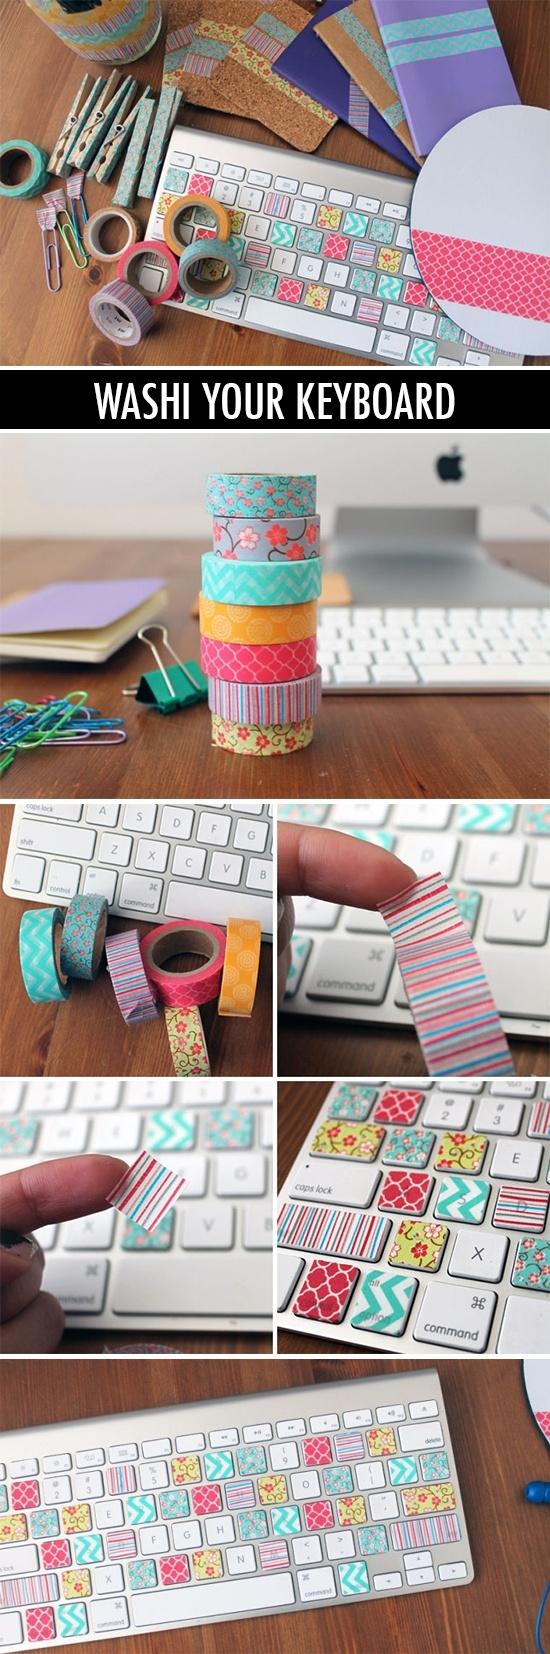 washi tape diy 9 - Inspiratie | Washi/masking tape DIY